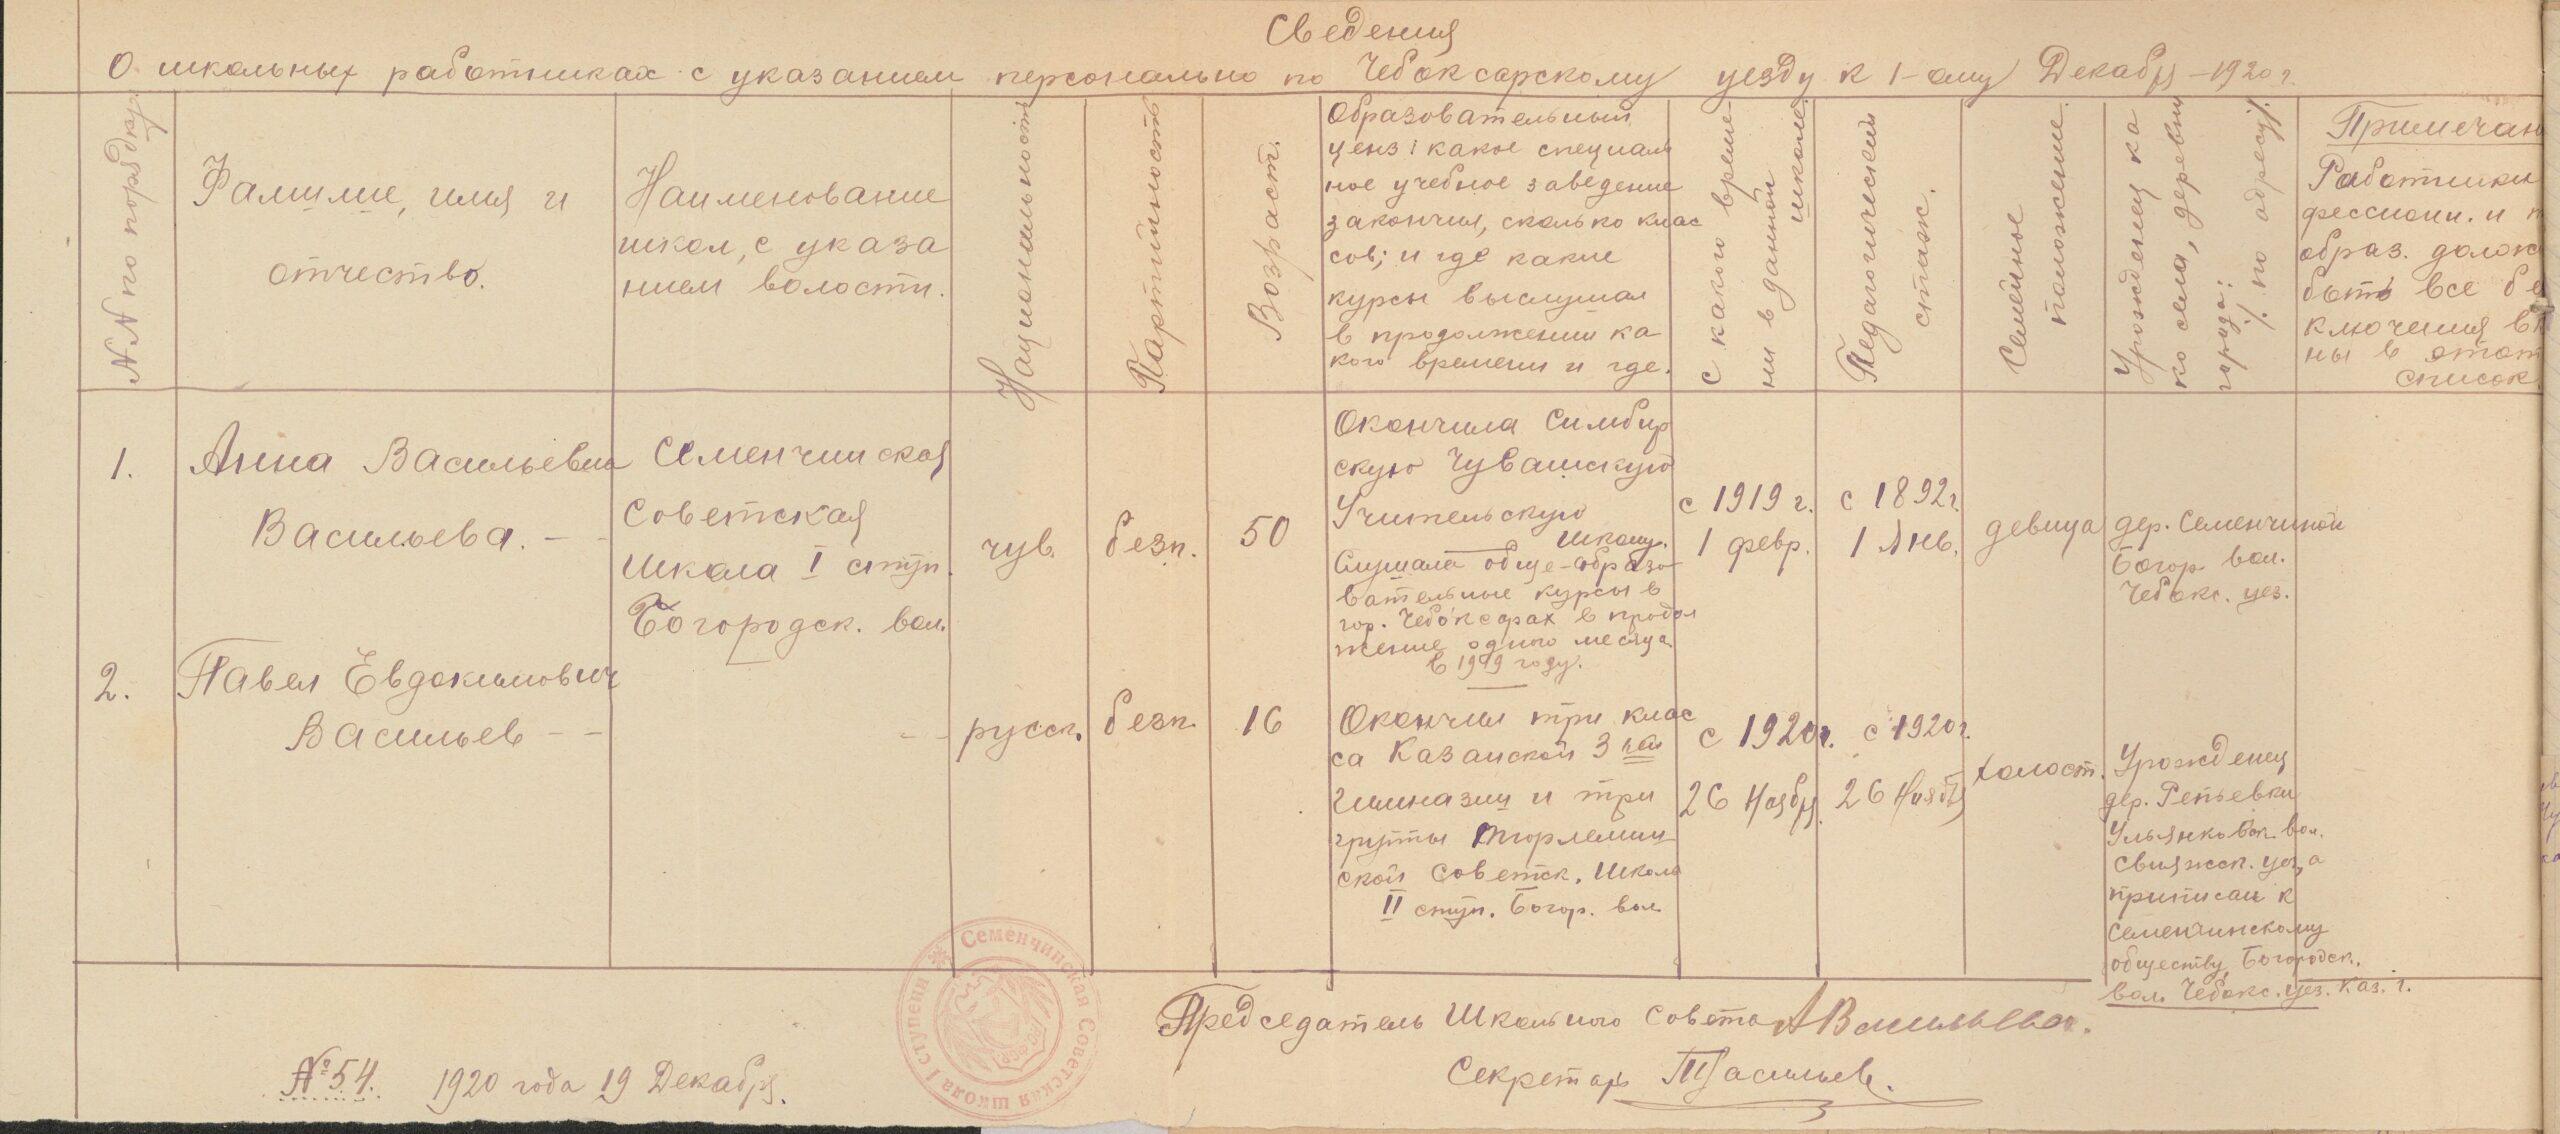 Сведения о школьных работниках на 1 декабря 1920года